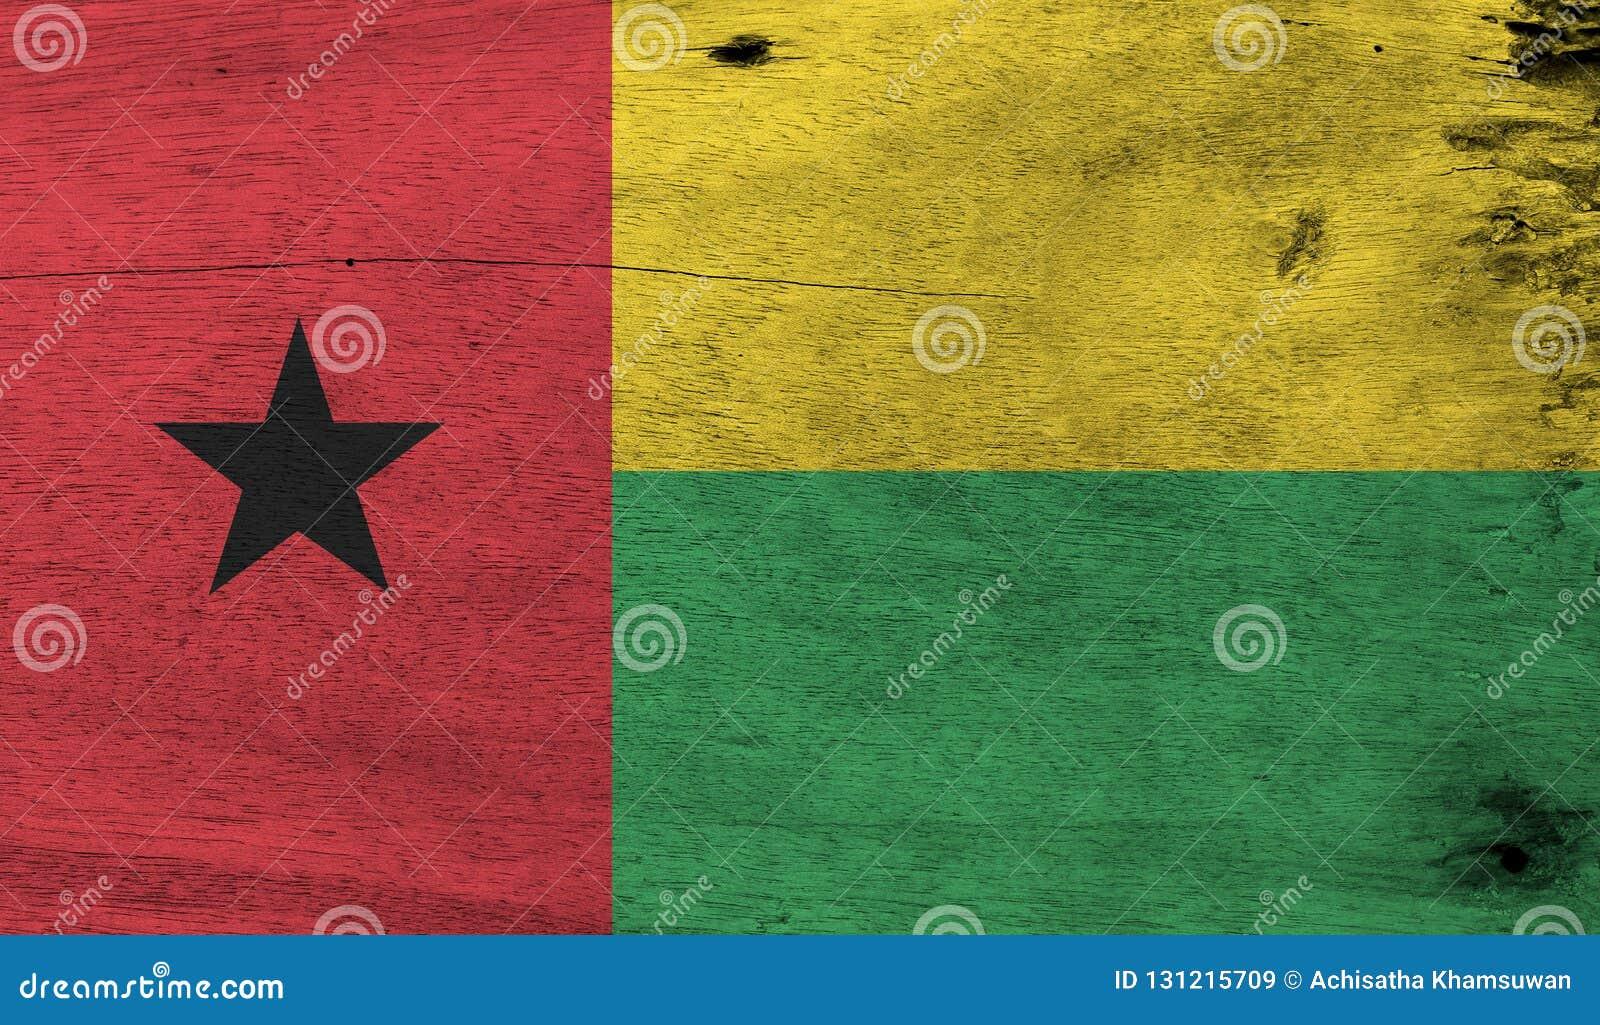 bandera verde amarillo rojo con estrella